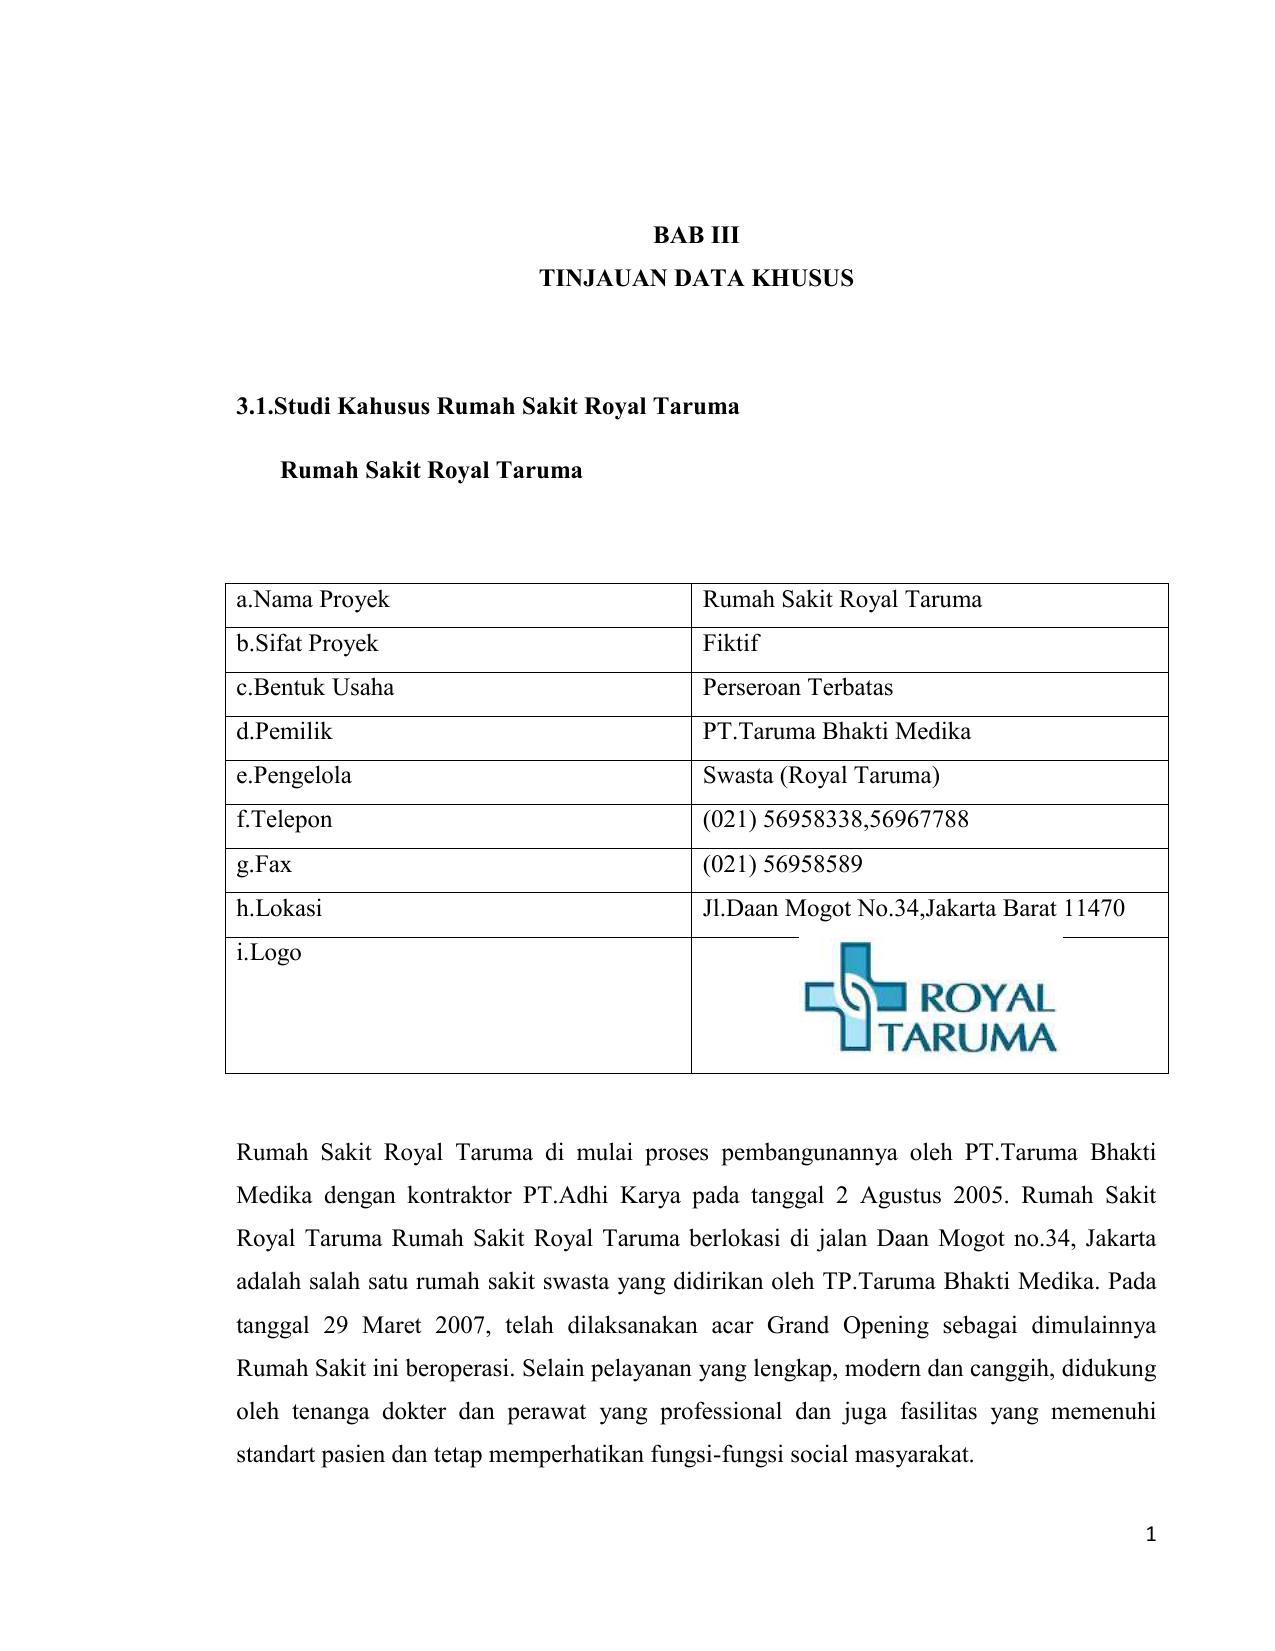 Bab Iii Tinjauan Data Khusus 31studi Kahusus Rumah Sakit